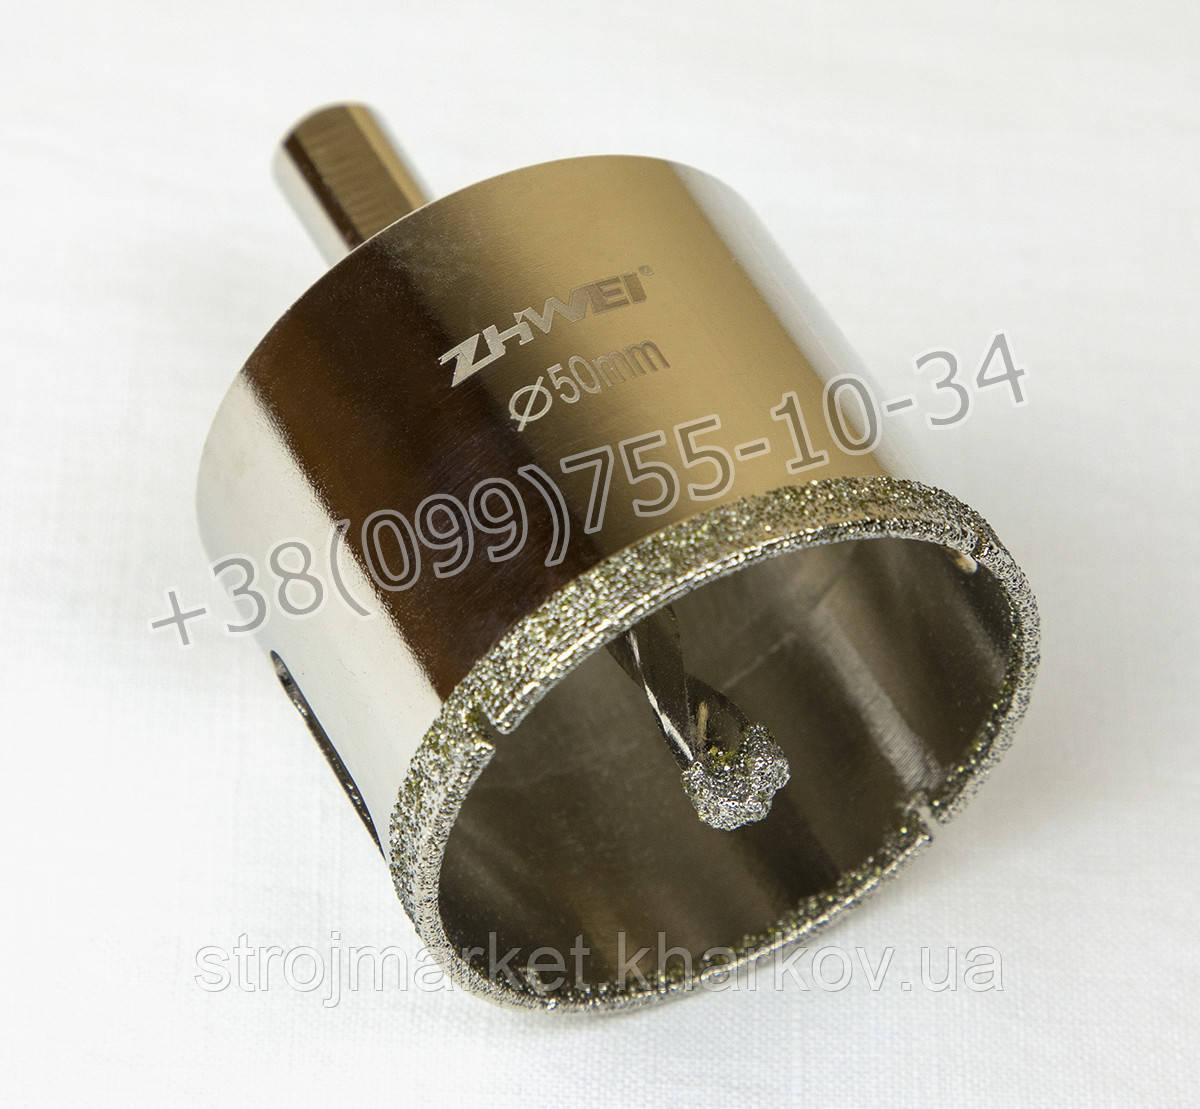 Алмазные коронки с сверлом ZHWEI 50мм